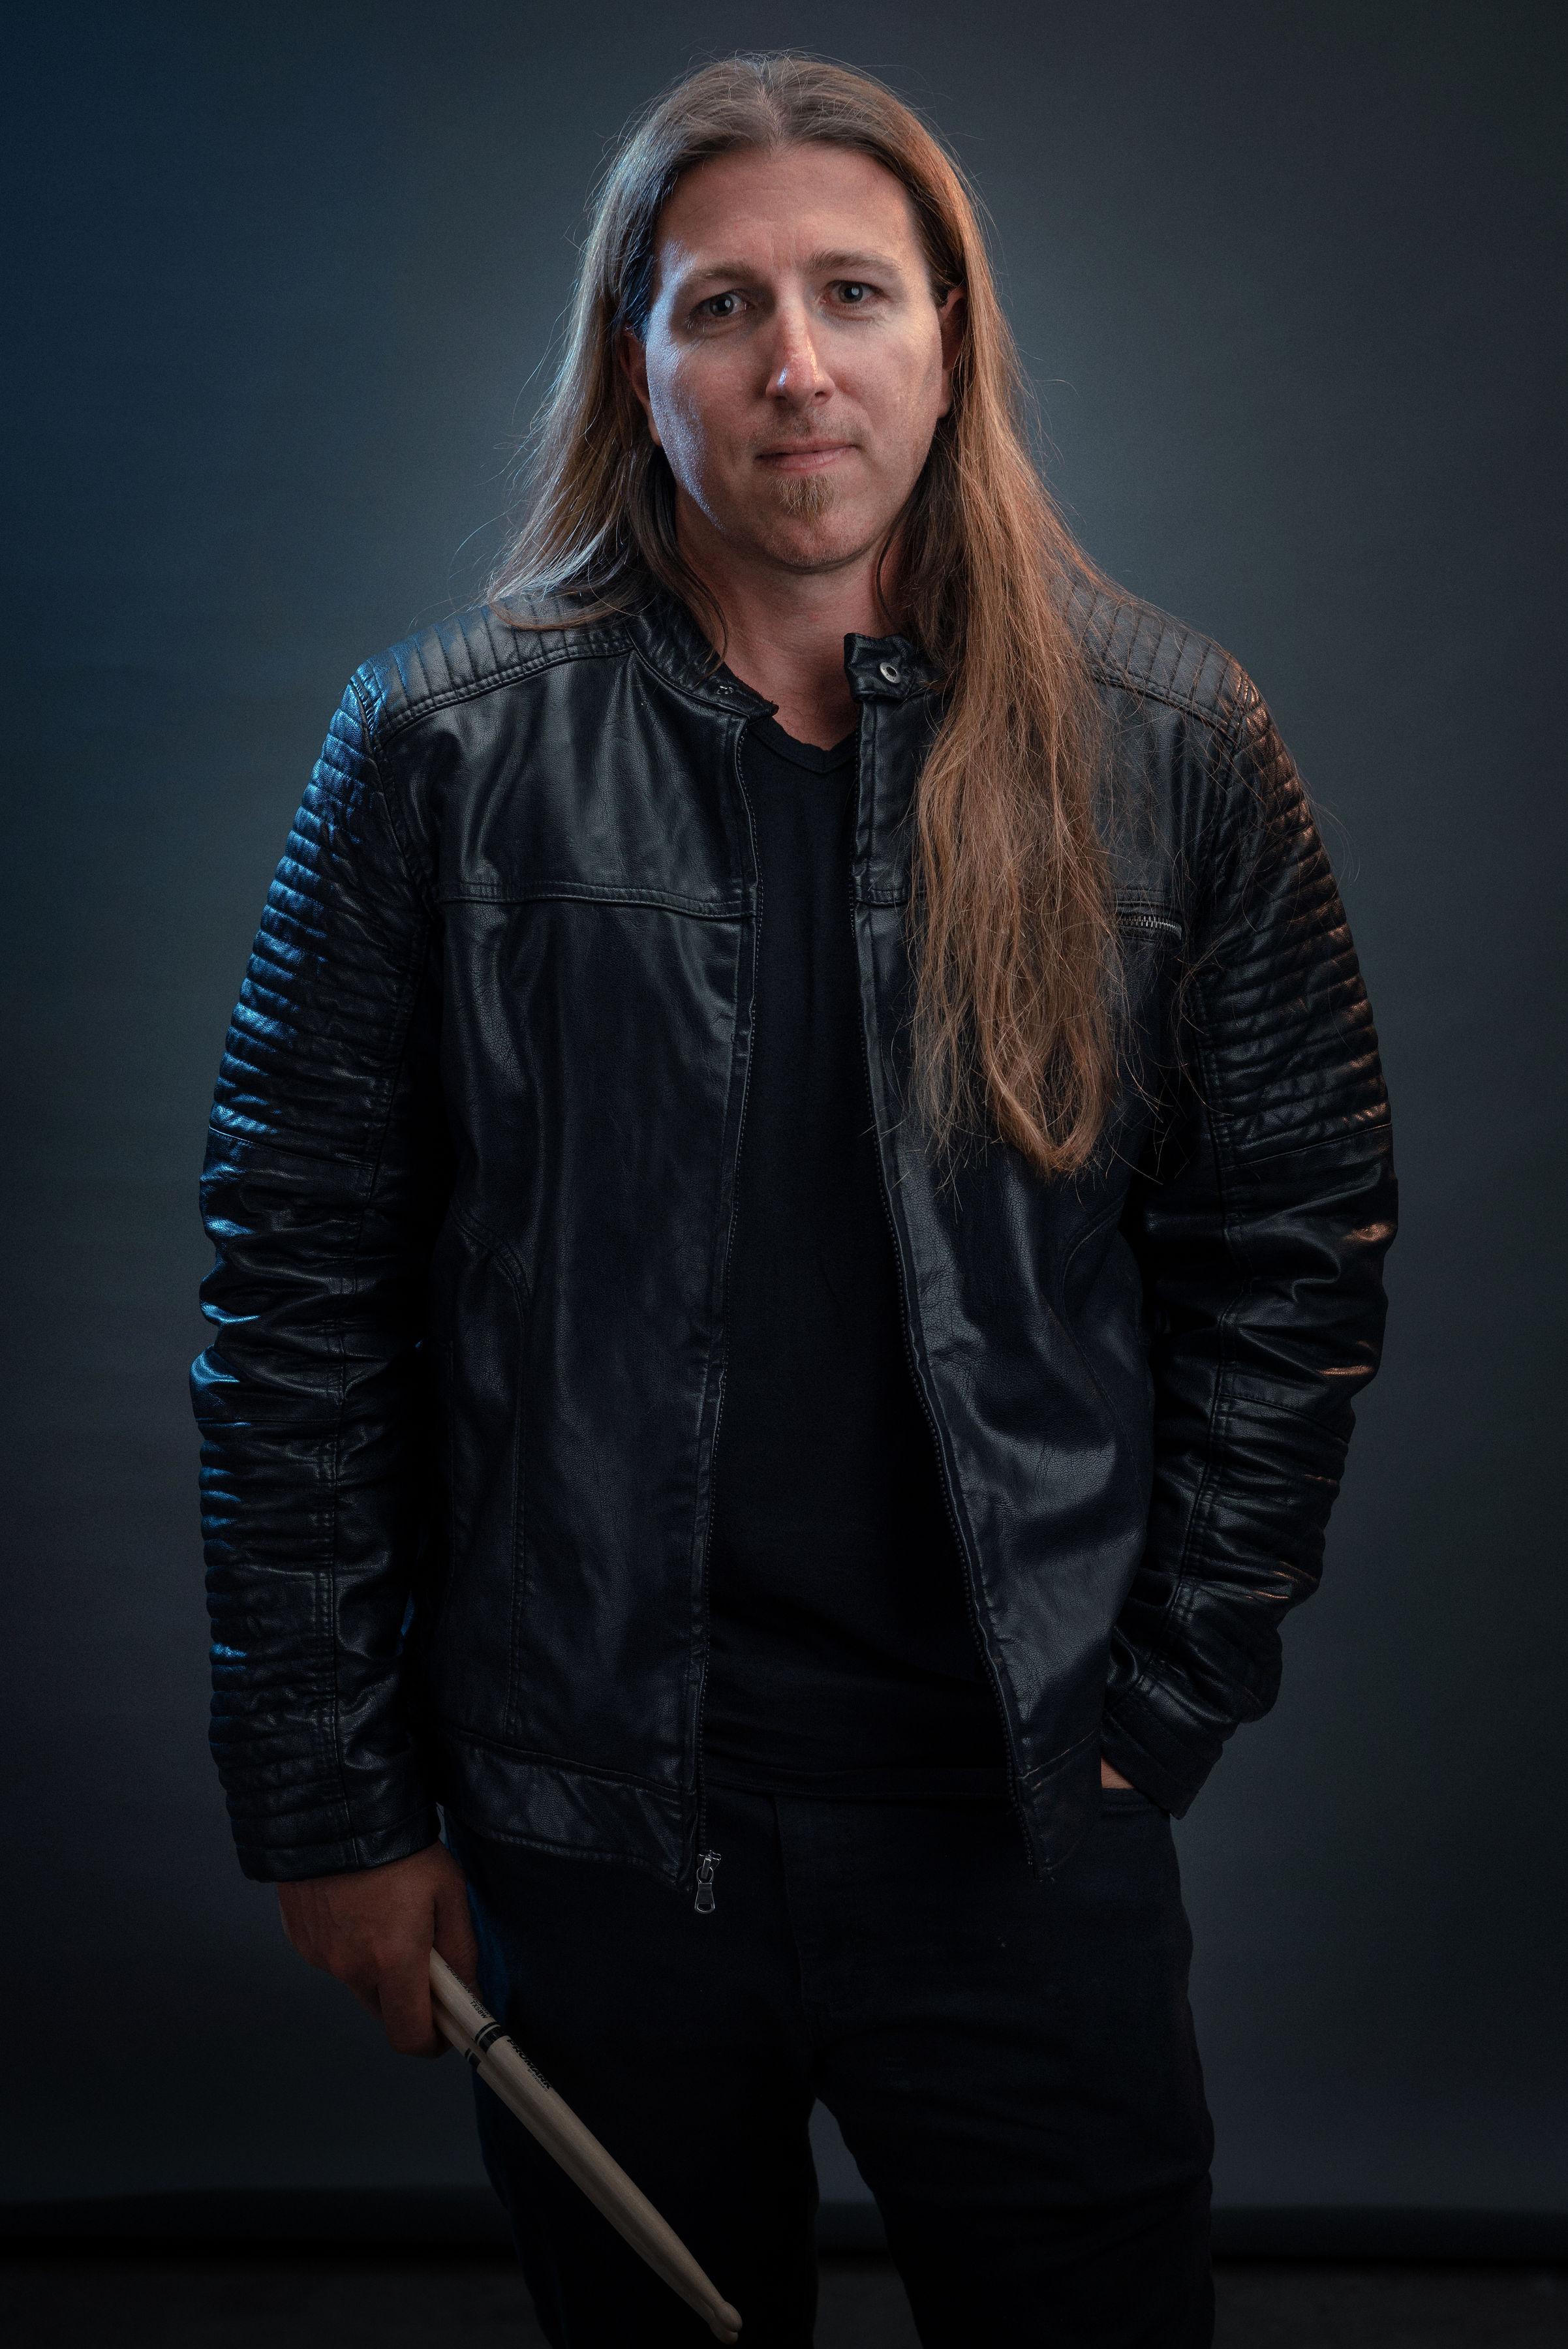 Nick Seiwert